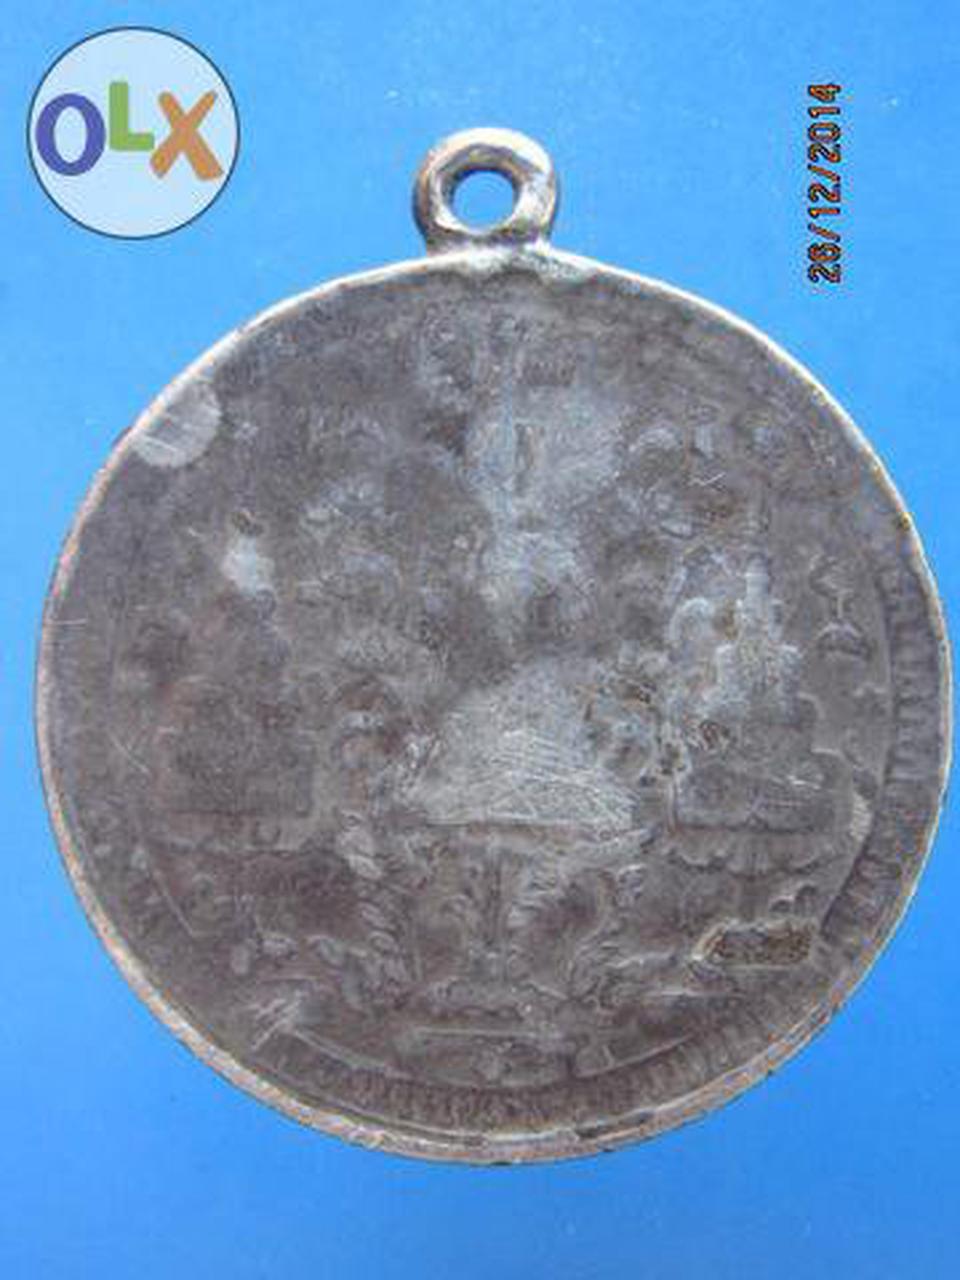 947 เหรียญ ร.4 หนึ่งบาท เนื้อเงิน พ.ศ. 2403 เหรียญบรรณาการ  รูปที่ 1